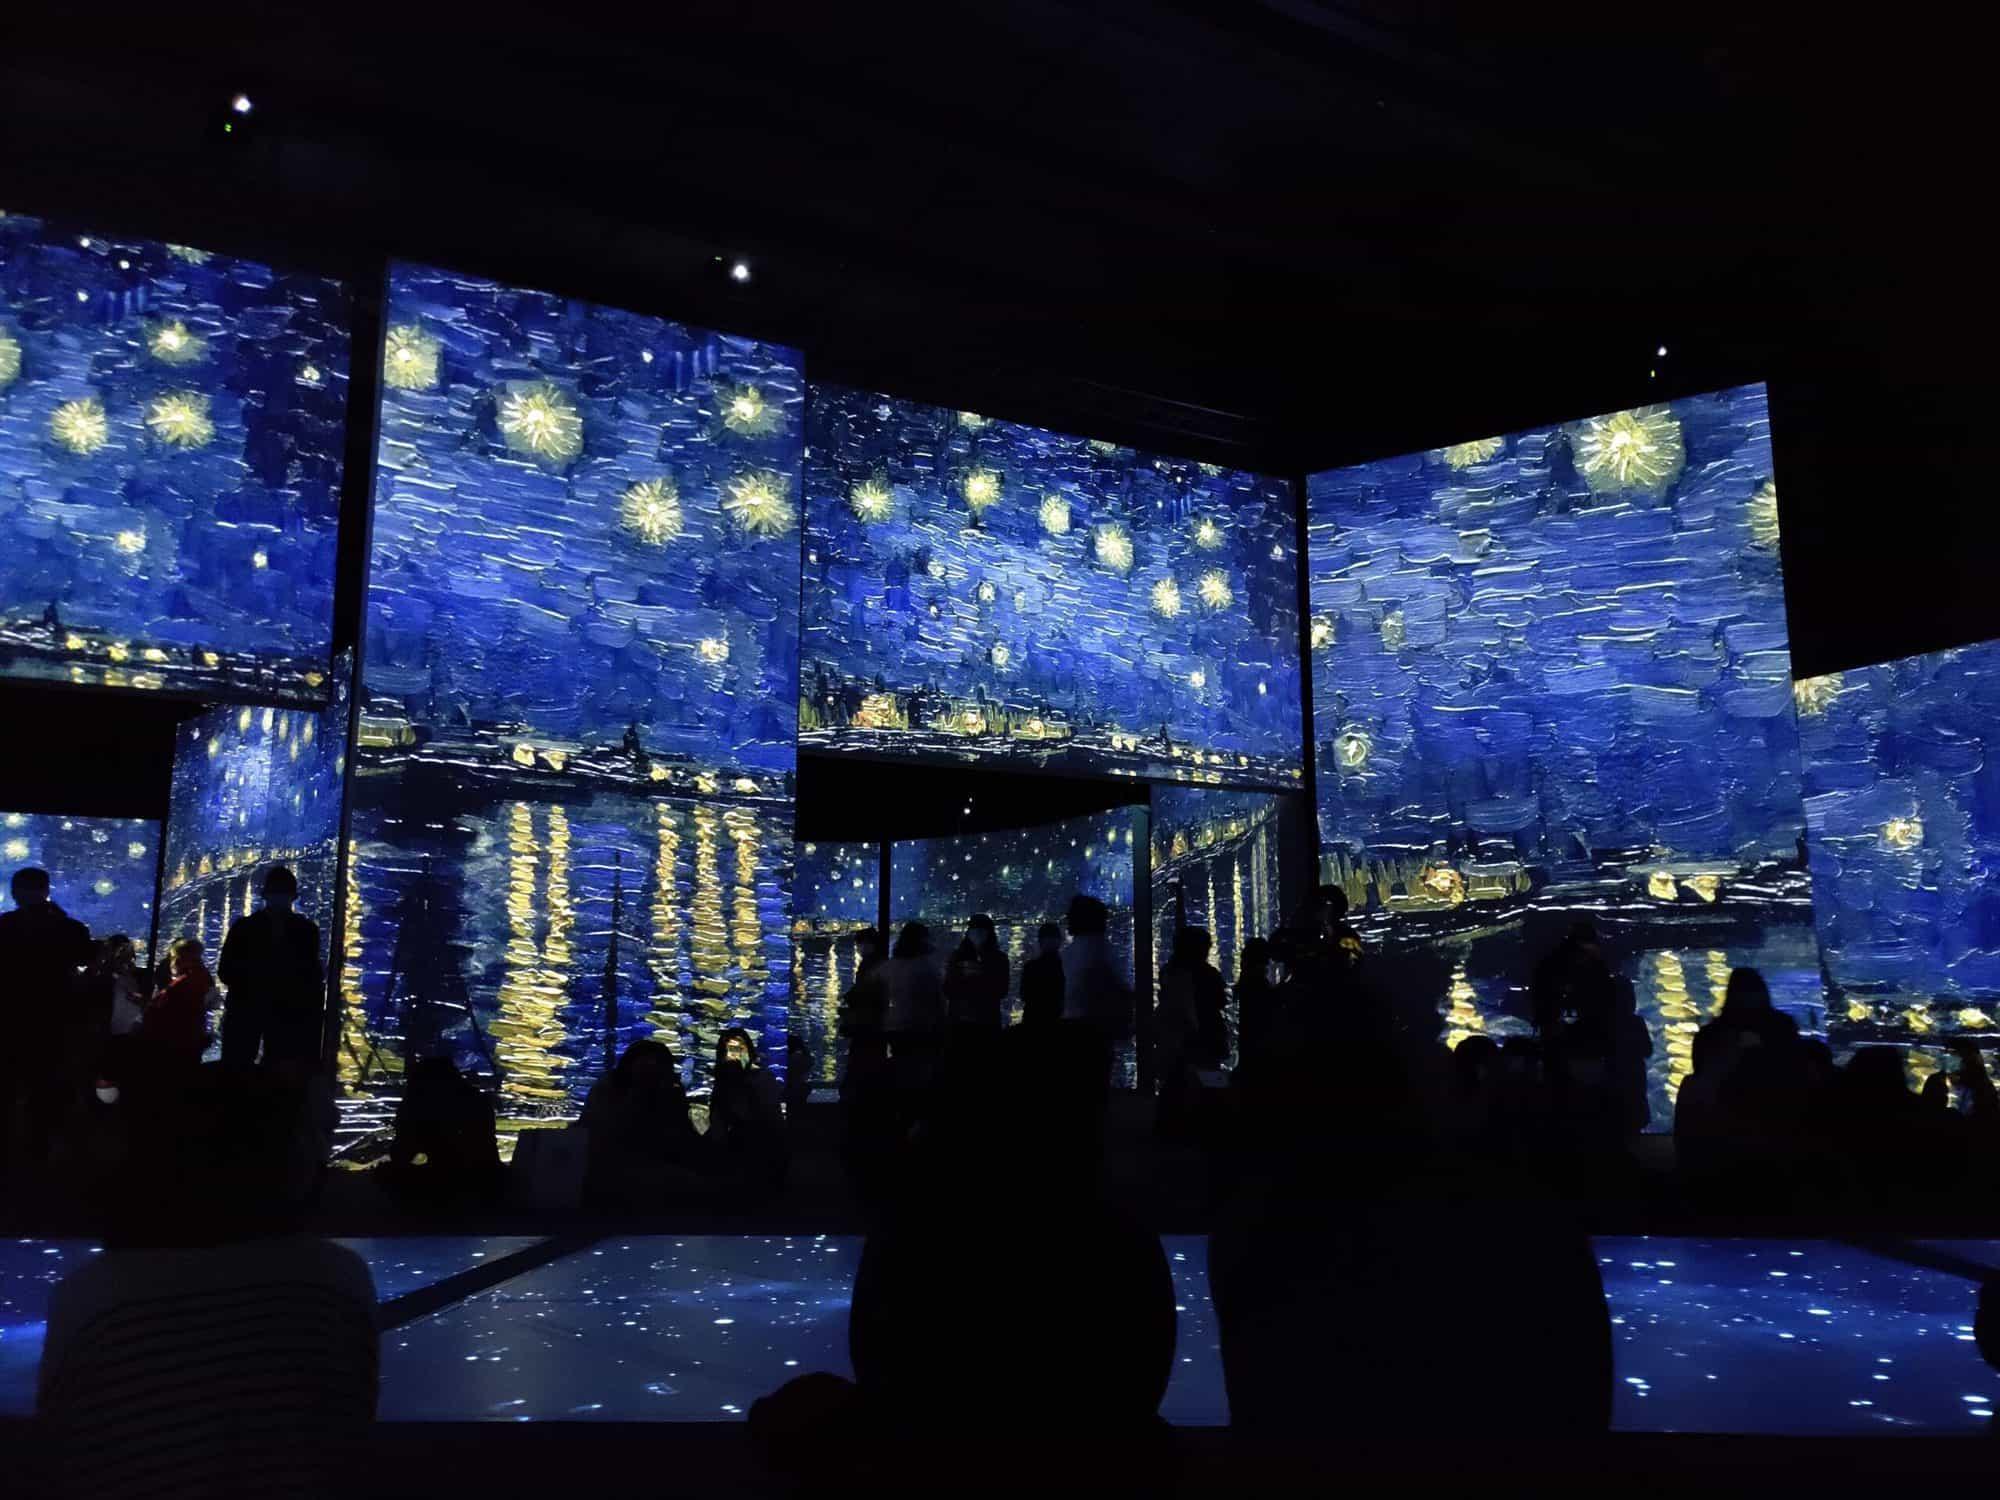 疫情療癒選曲 - 致敬梵谷的 Vincent (Starry, Starry Night) - 2020年4月的梵谷光影展台北場